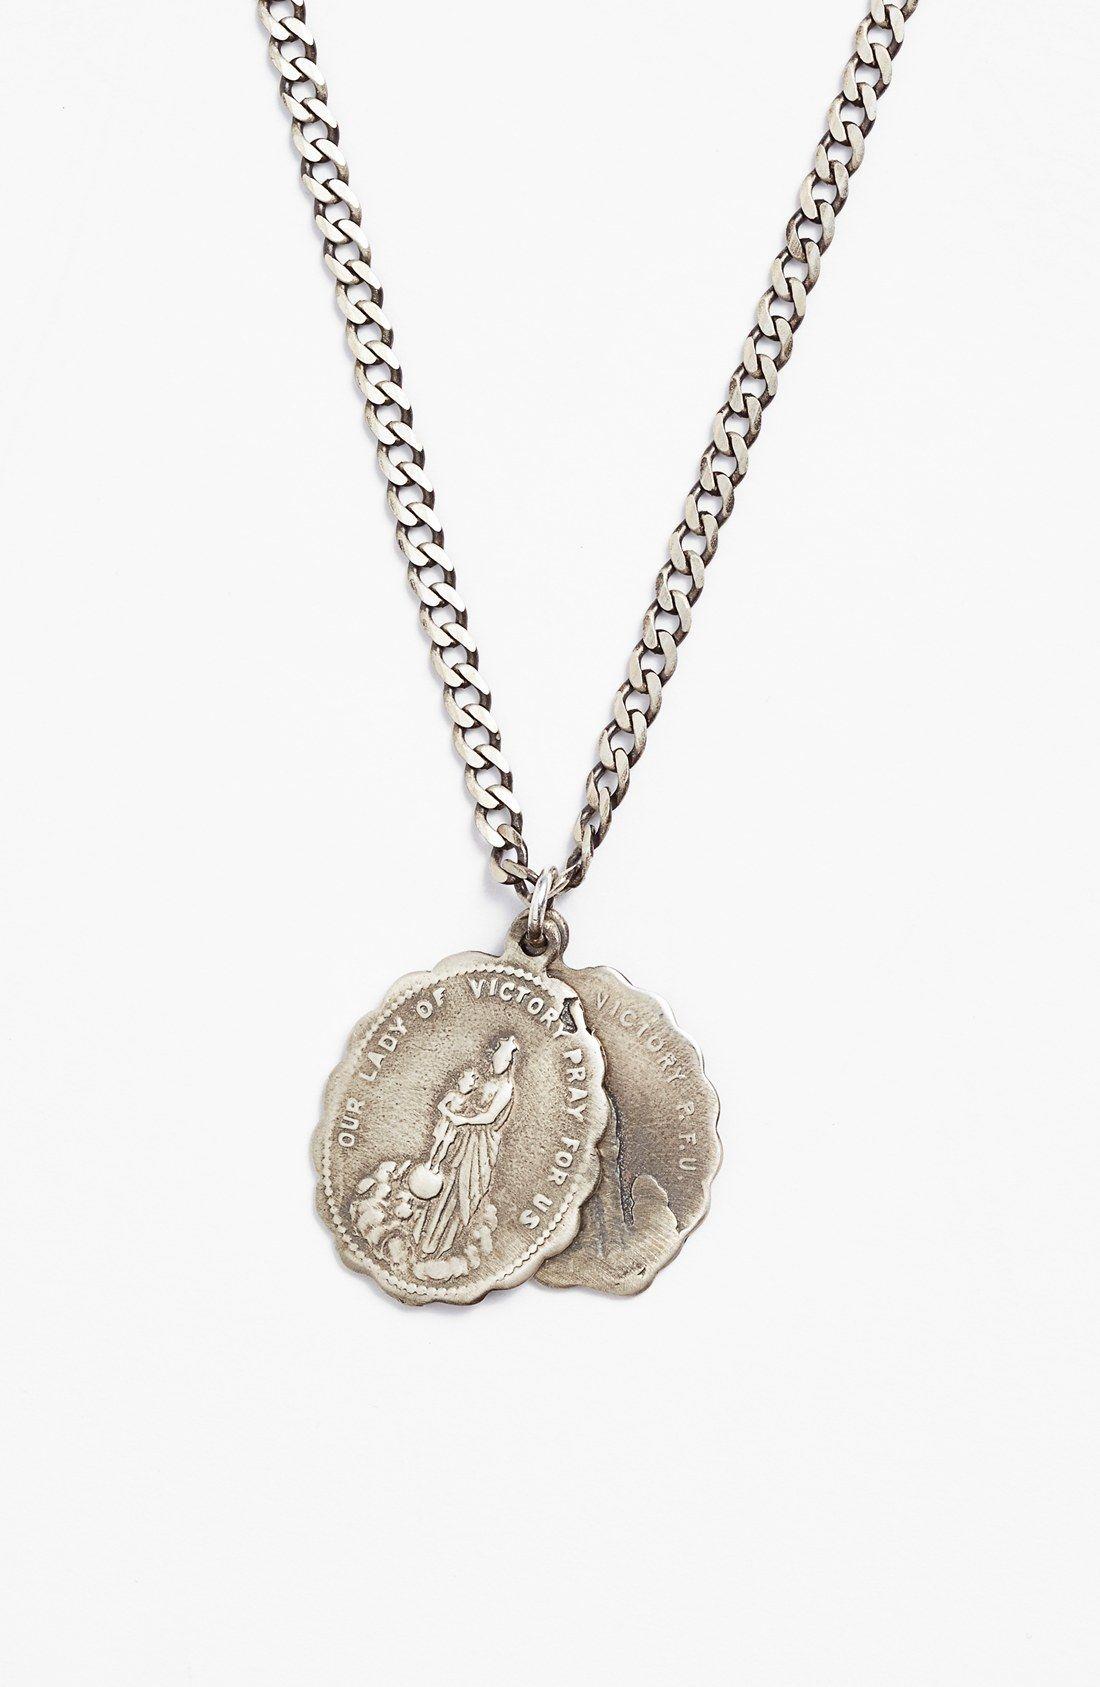 Saints Pendant Necklace Mens Silver Necklace Pendant Necklace Saint Necklace